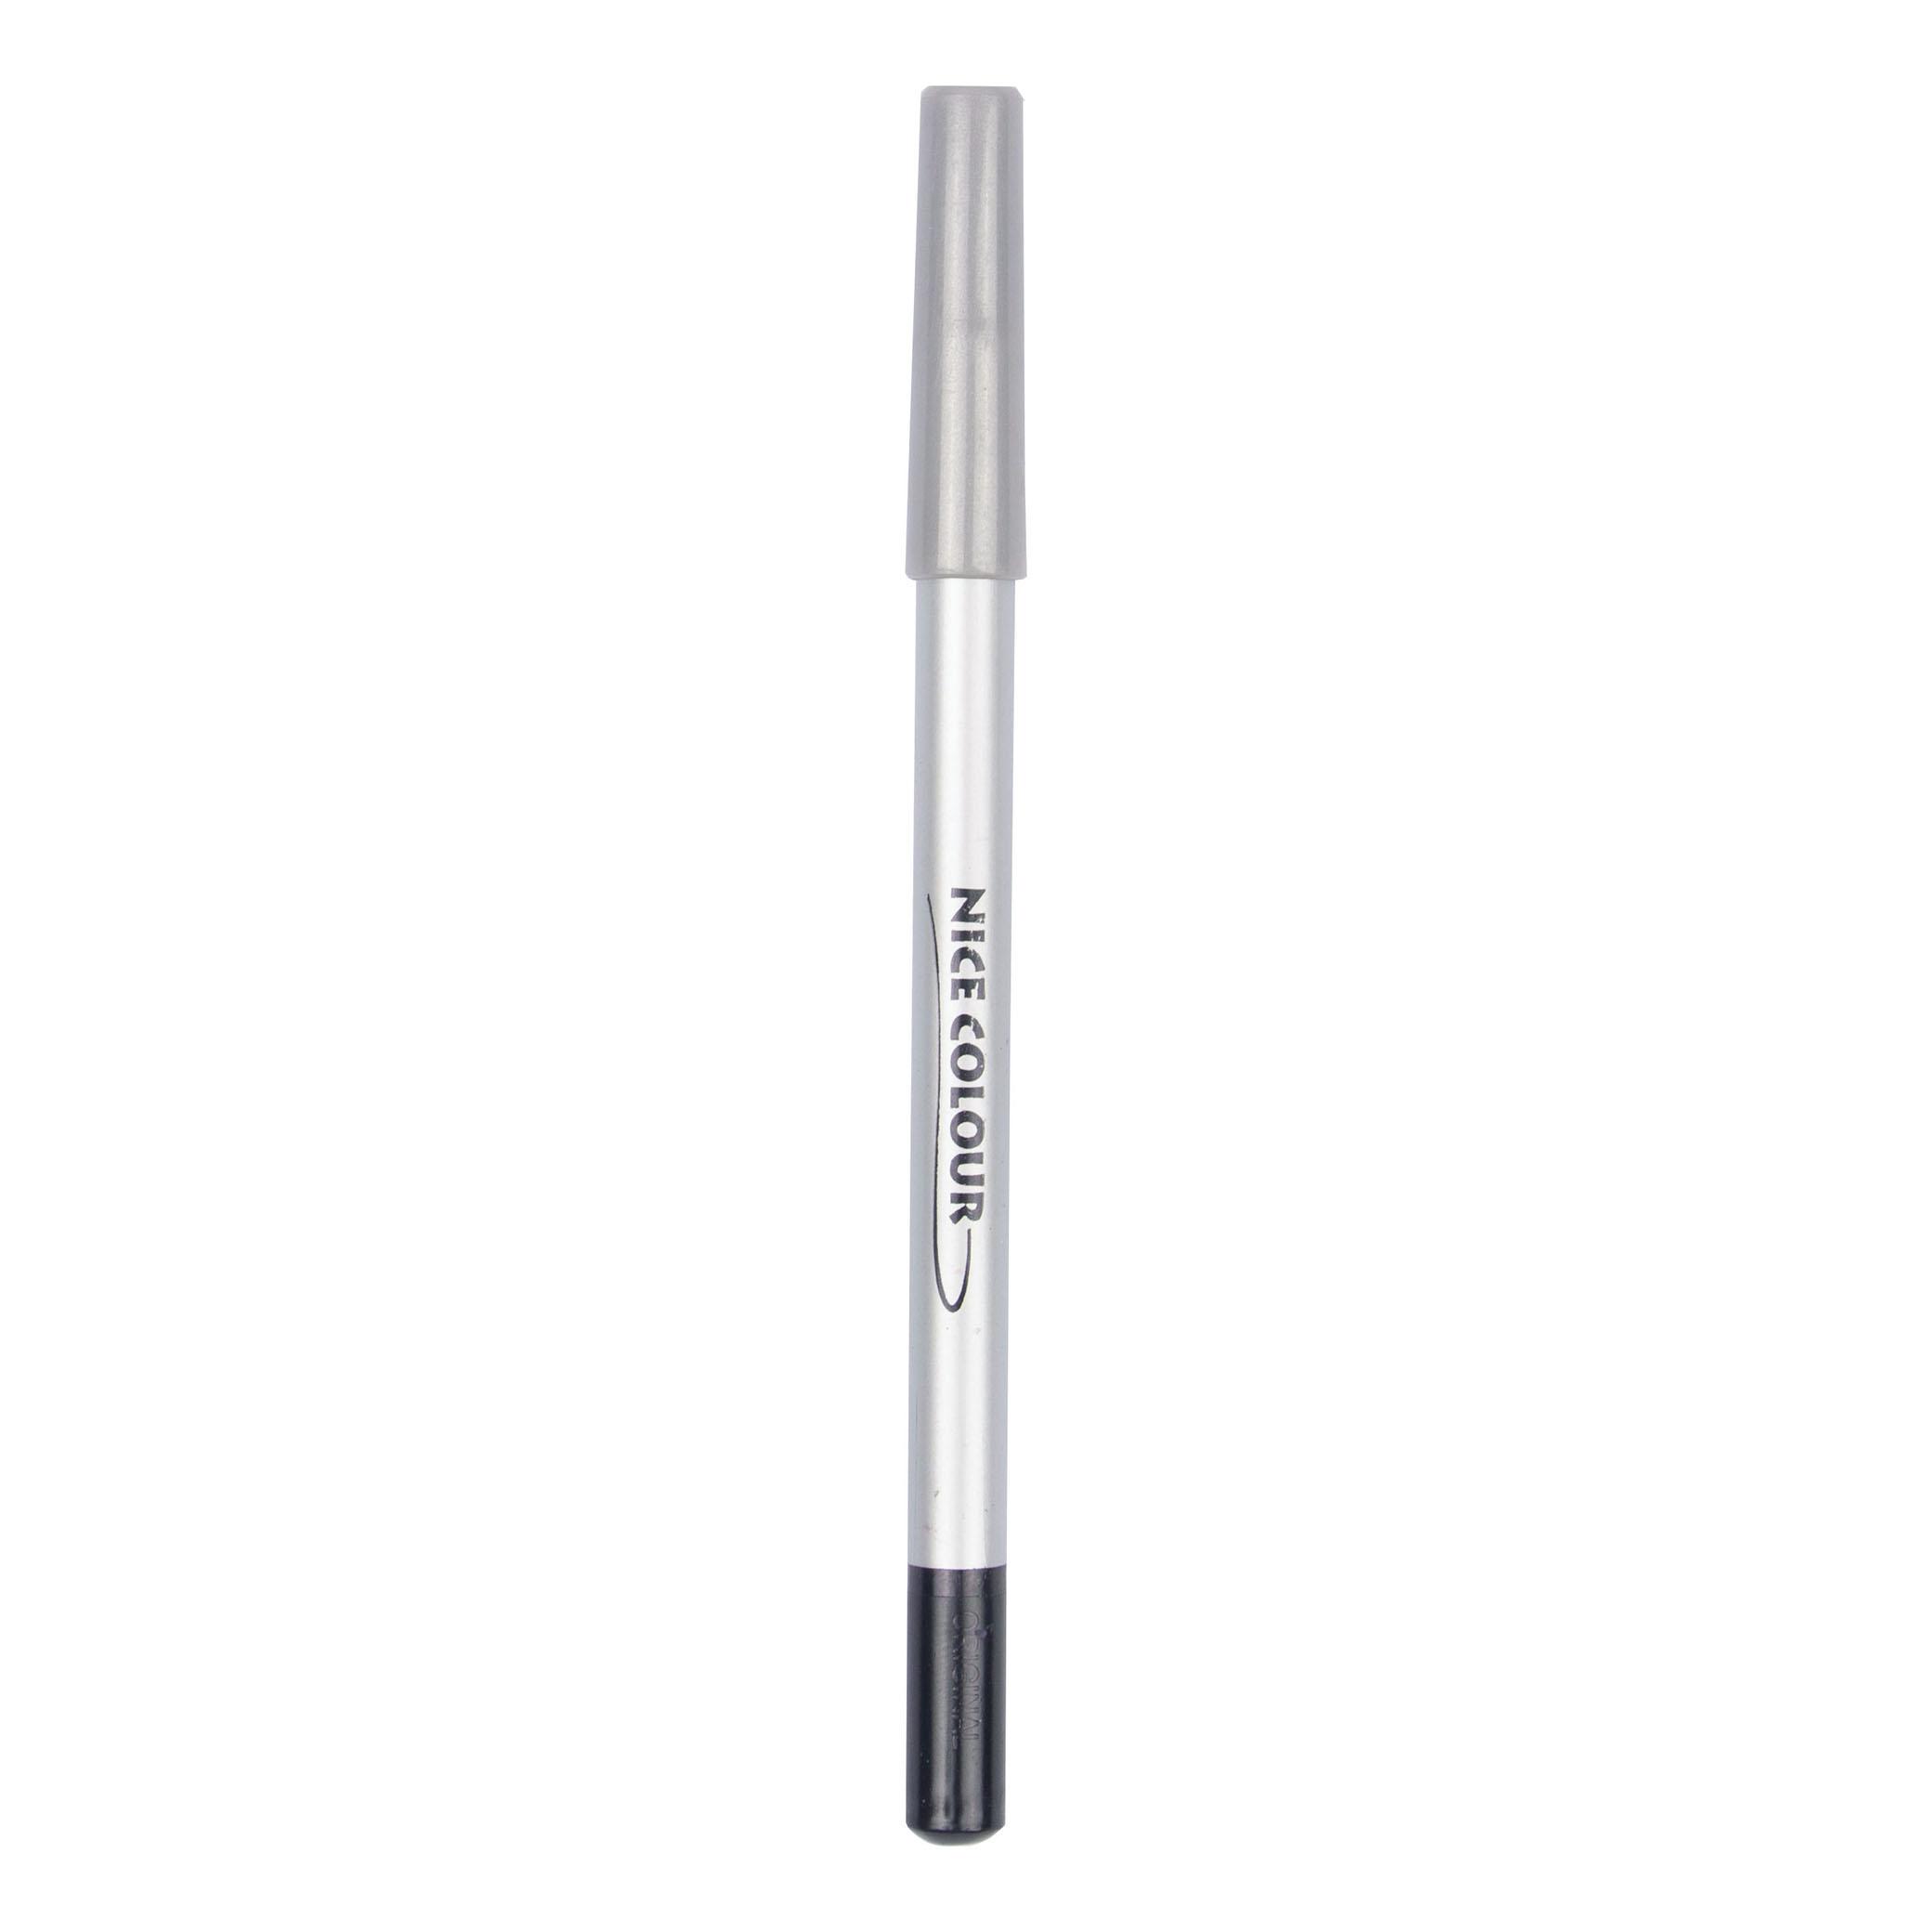 مداد چشم نایس کالر مدل سافت شماره 501